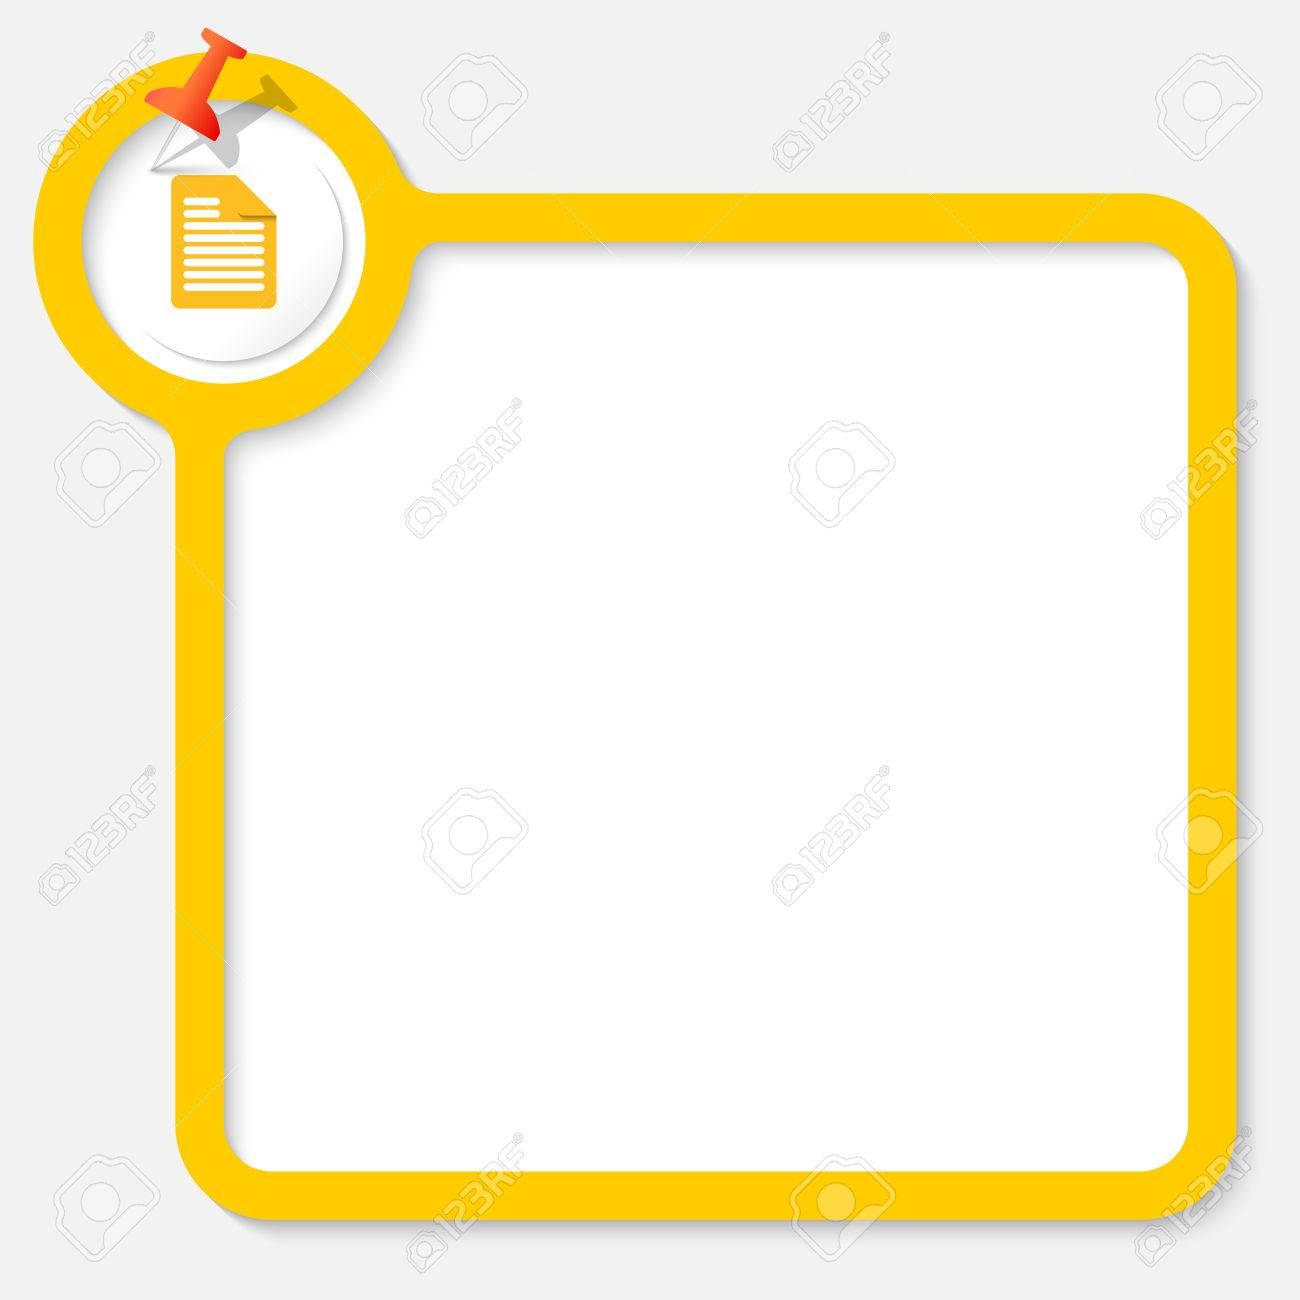 Gelber Rahmen Für Ihren Text Und Dokumentsymbol Lizenzfrei Nutzbare ...